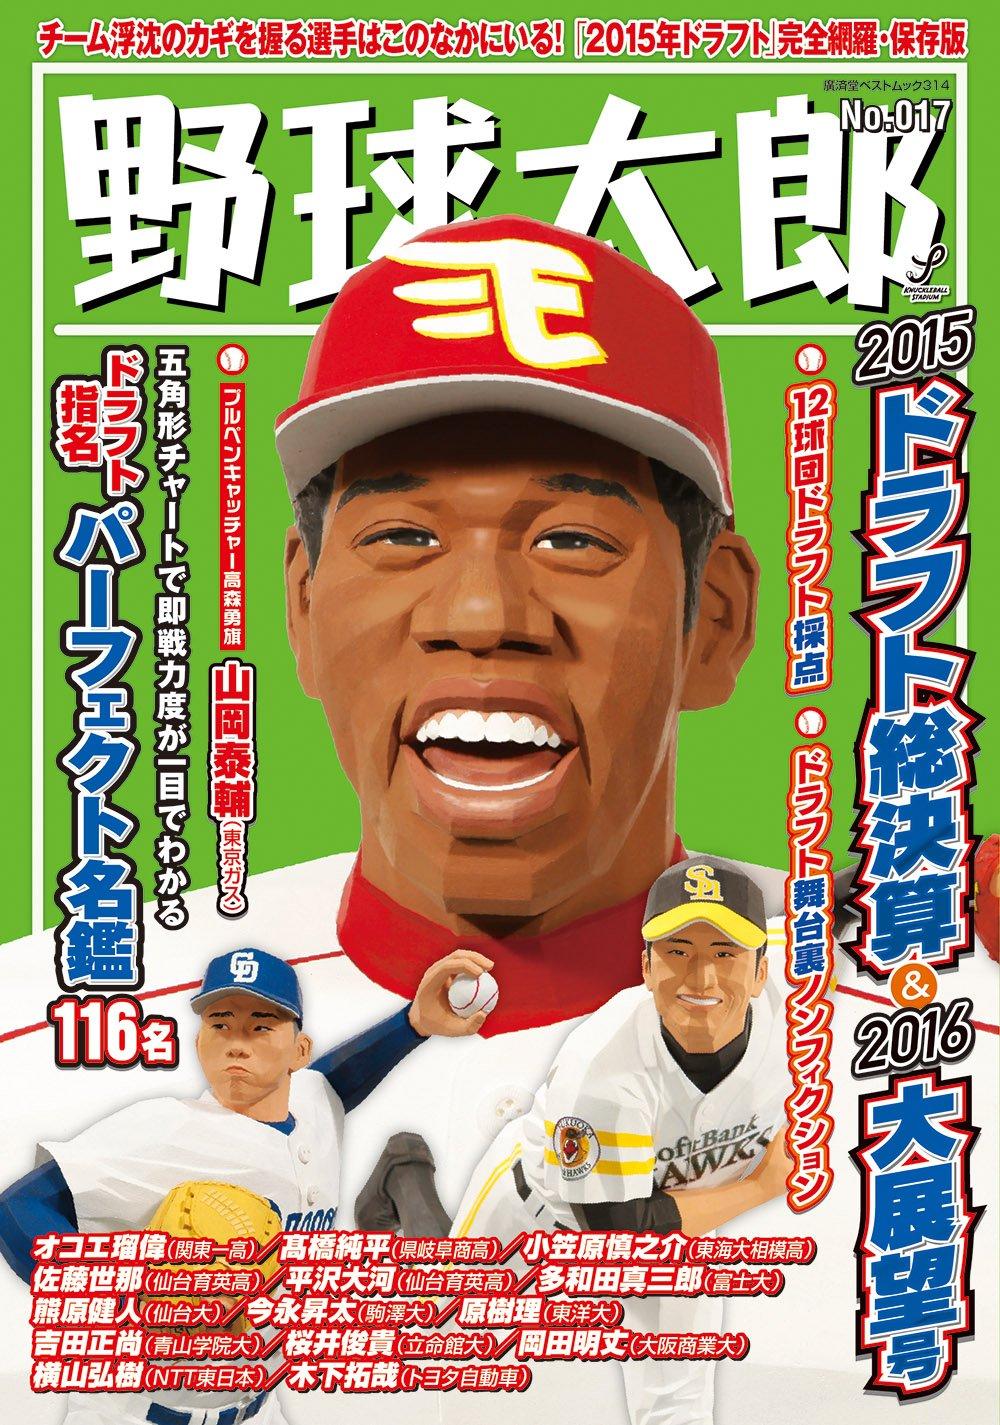 お詫びと訂正『野球太郎No.017 2015ドラフト総決算&2016大展望号』